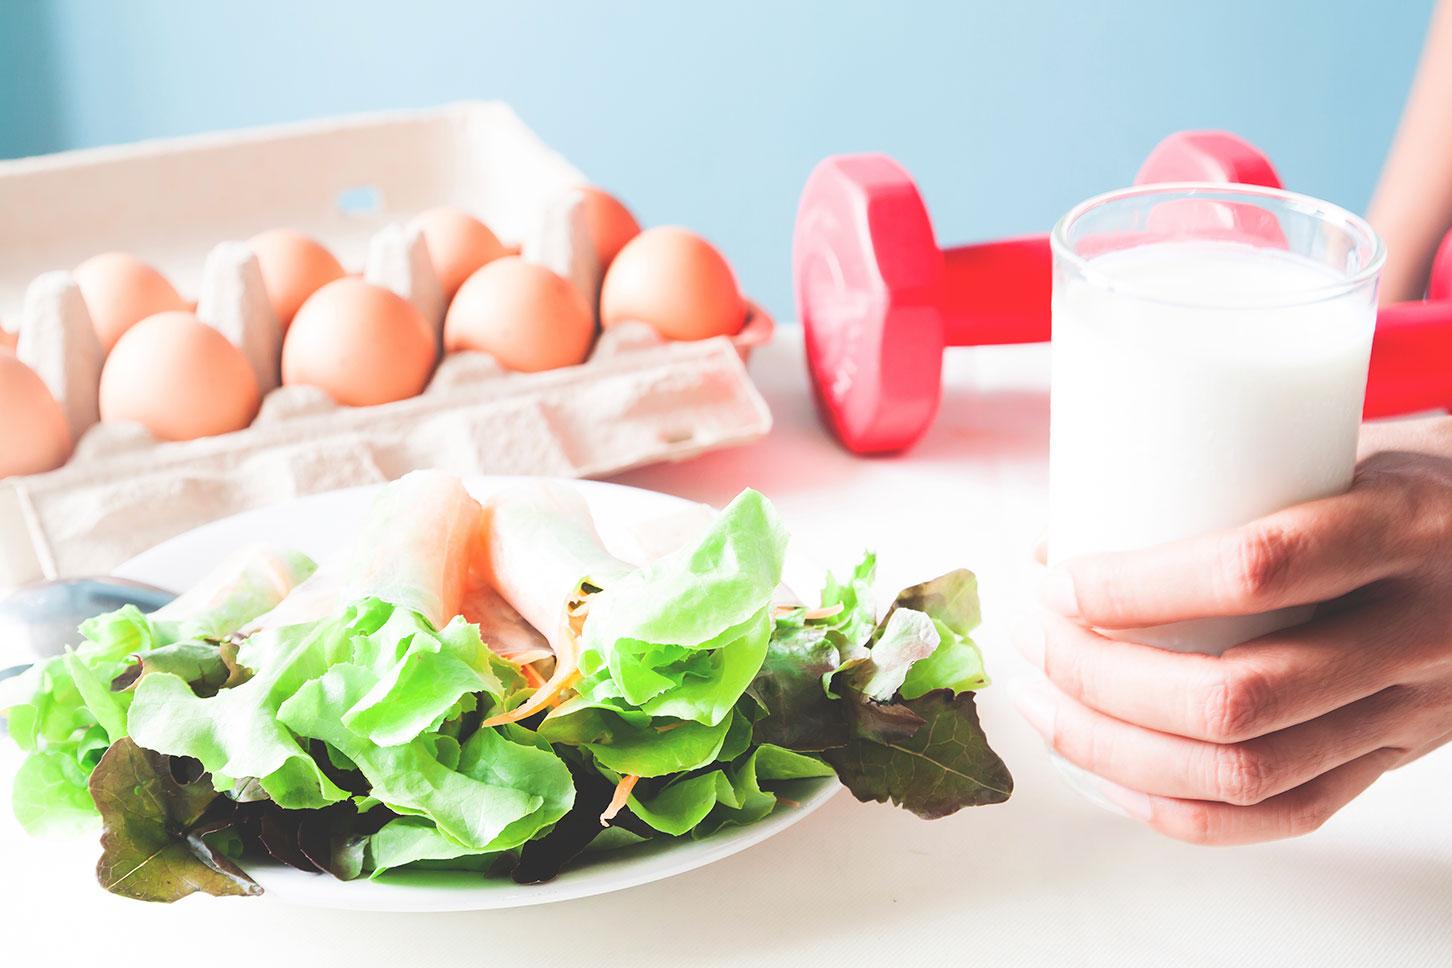 Когда лучше пить кефир для похудения и роста мышц?